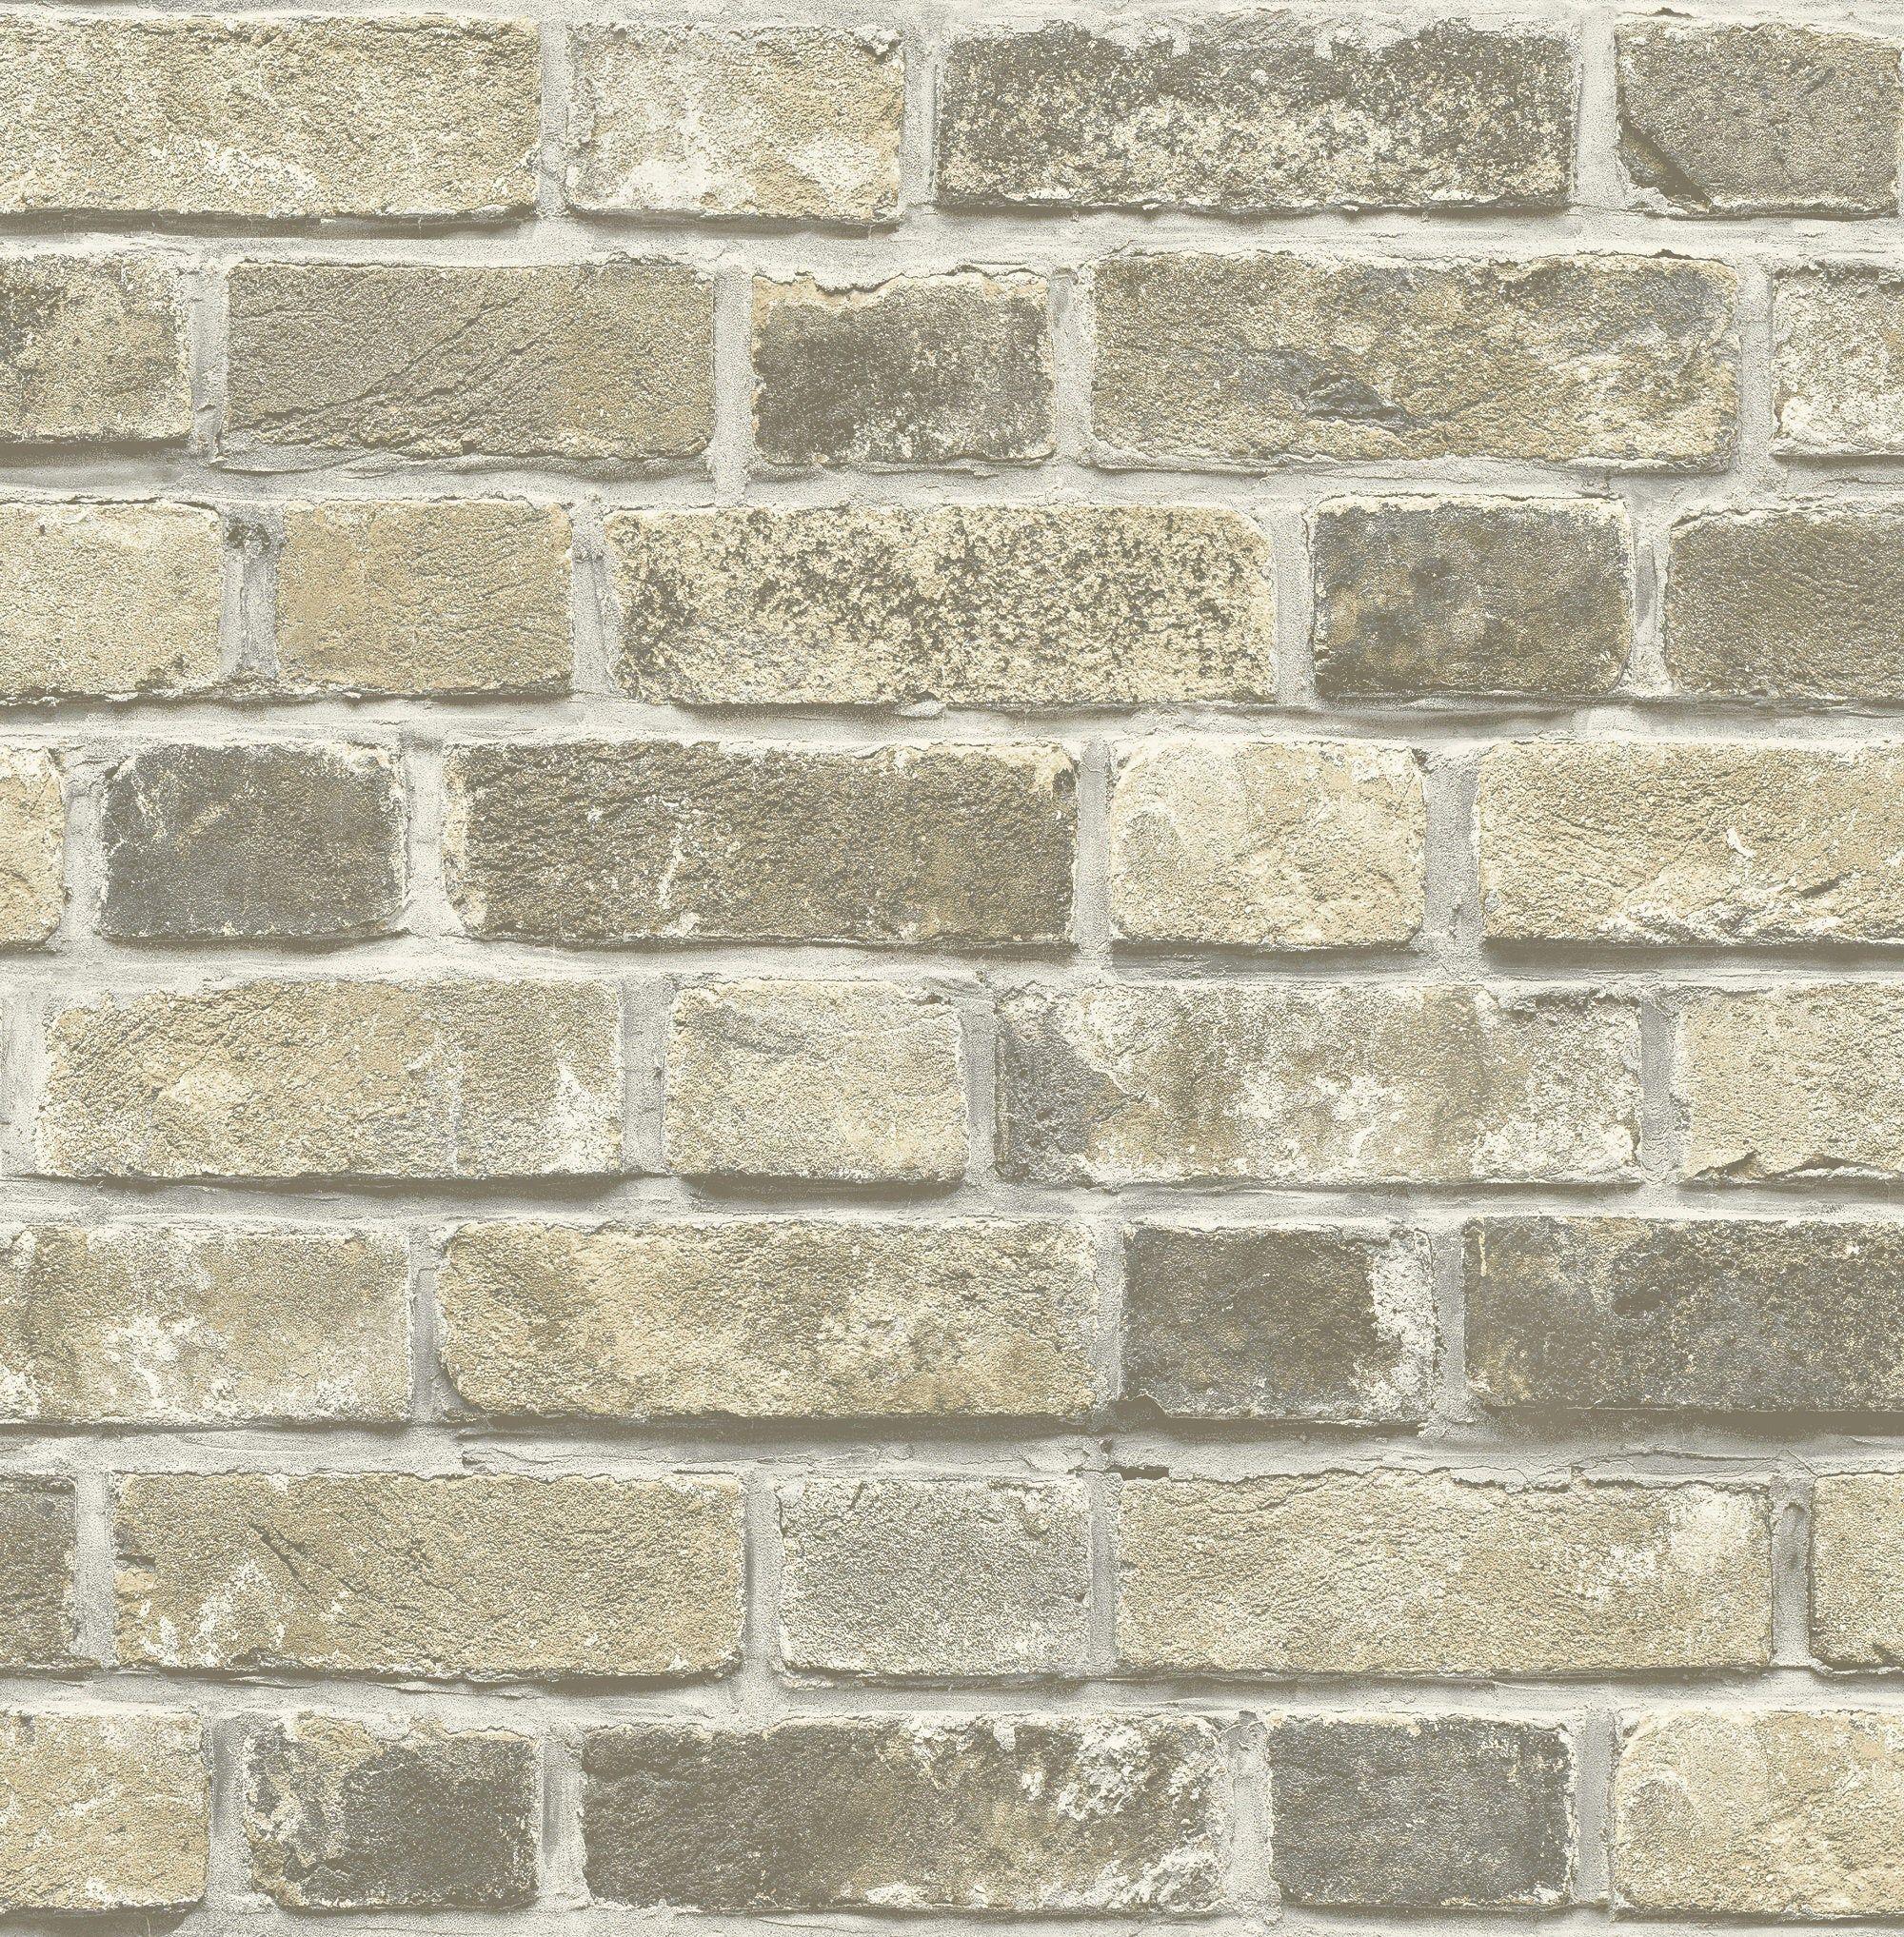 Self Adhesive Wallpaper Brick Wallpaper Peel And Stick Etsy Brick Wallpaper Peel And Stick Brick Wallpaper Faux Brick